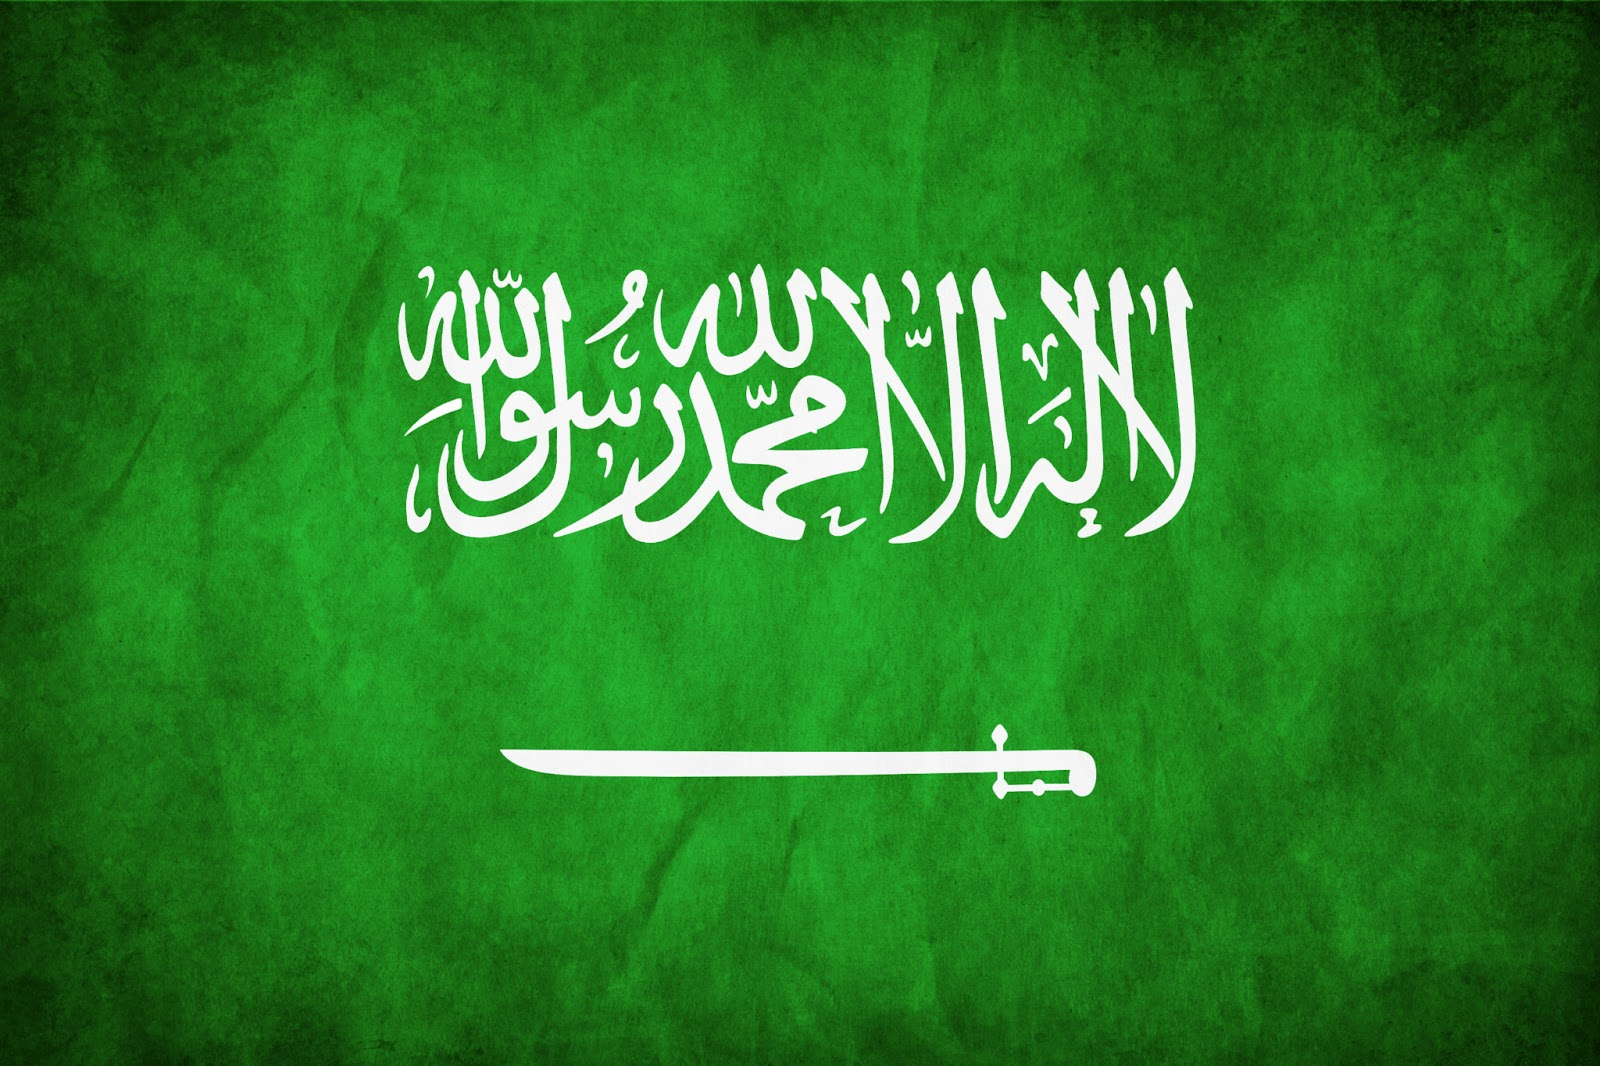 خلفيات كمبيوتر اسلامية لسطح المكتب بجودة عالية الوضوح Wallpapers Islamic hd